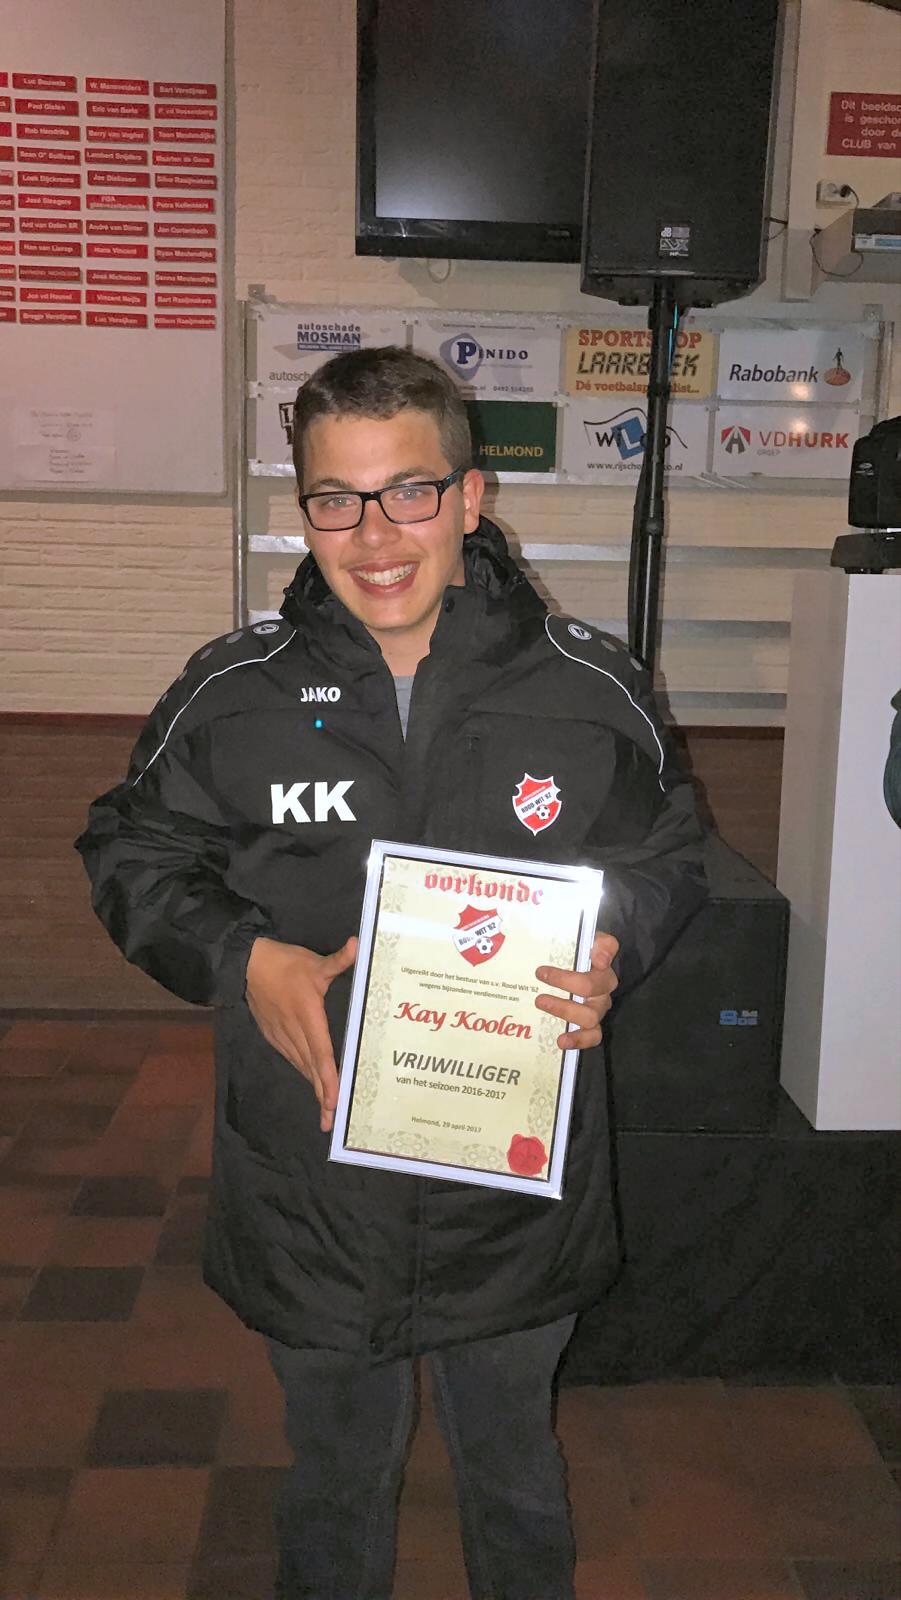 Vrijwilliger van het seizoen: Kay Koolen